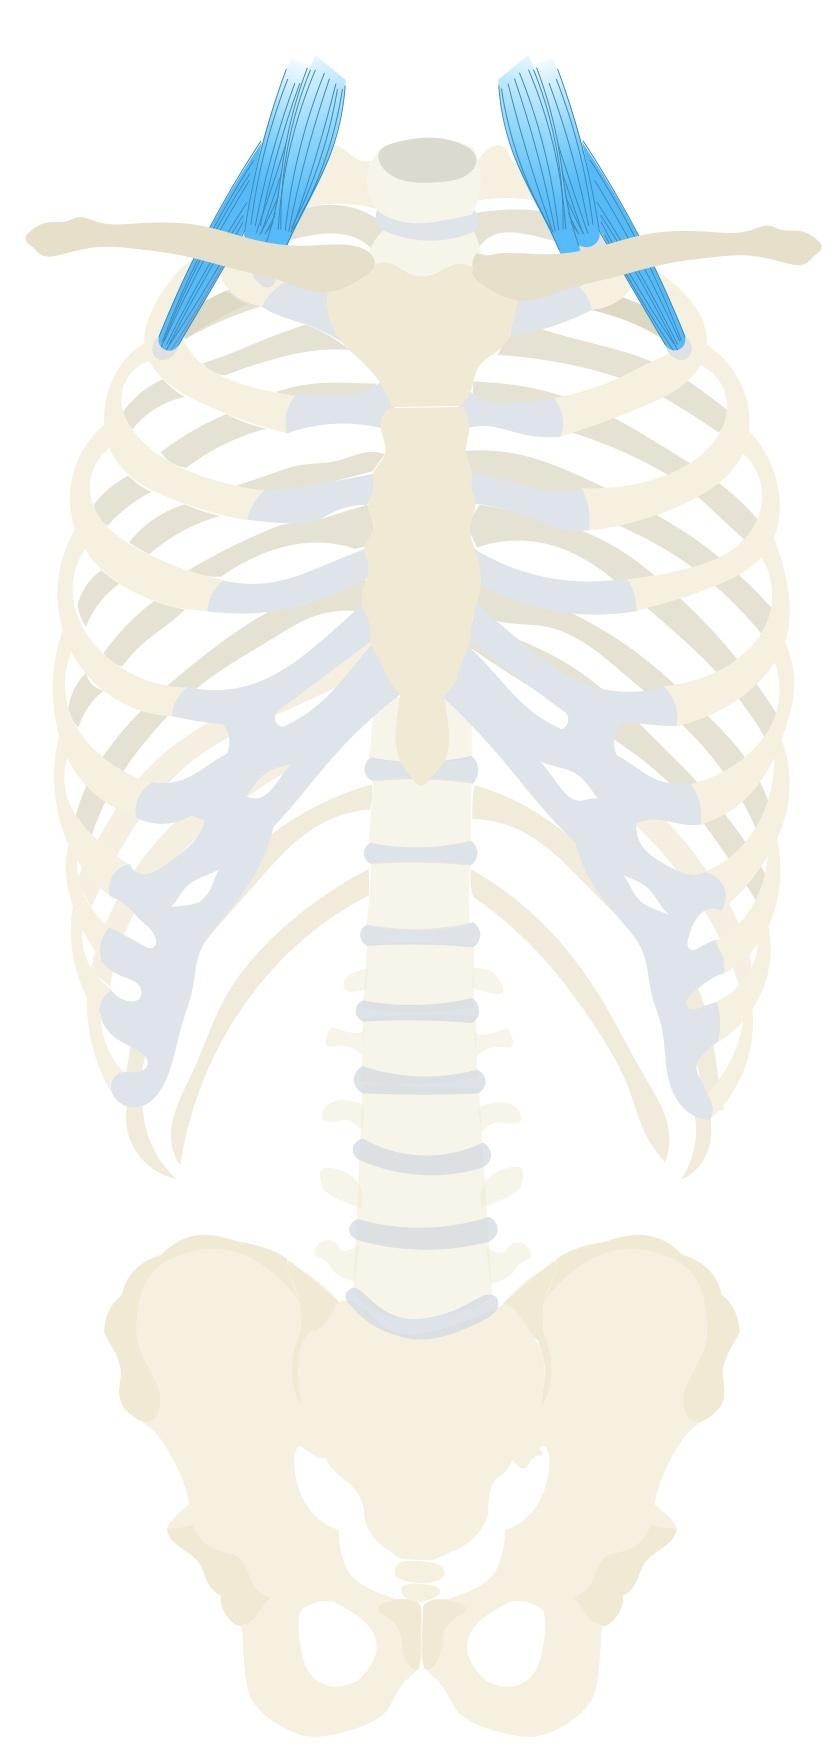 Scalenes anatomy